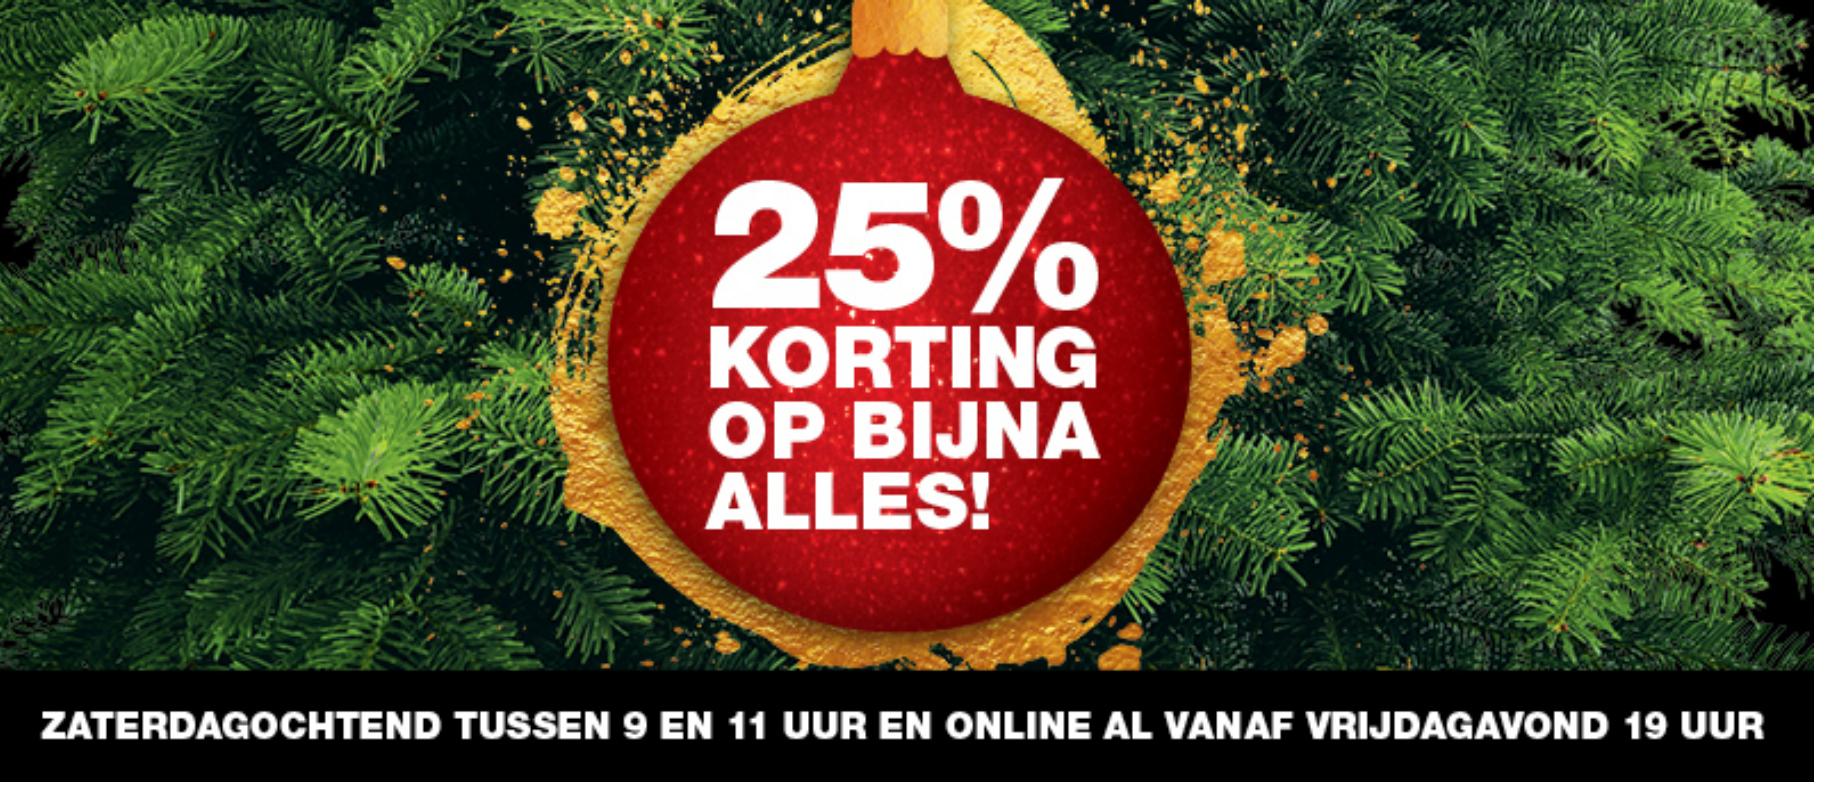 Praxis 25% op bijna alles*